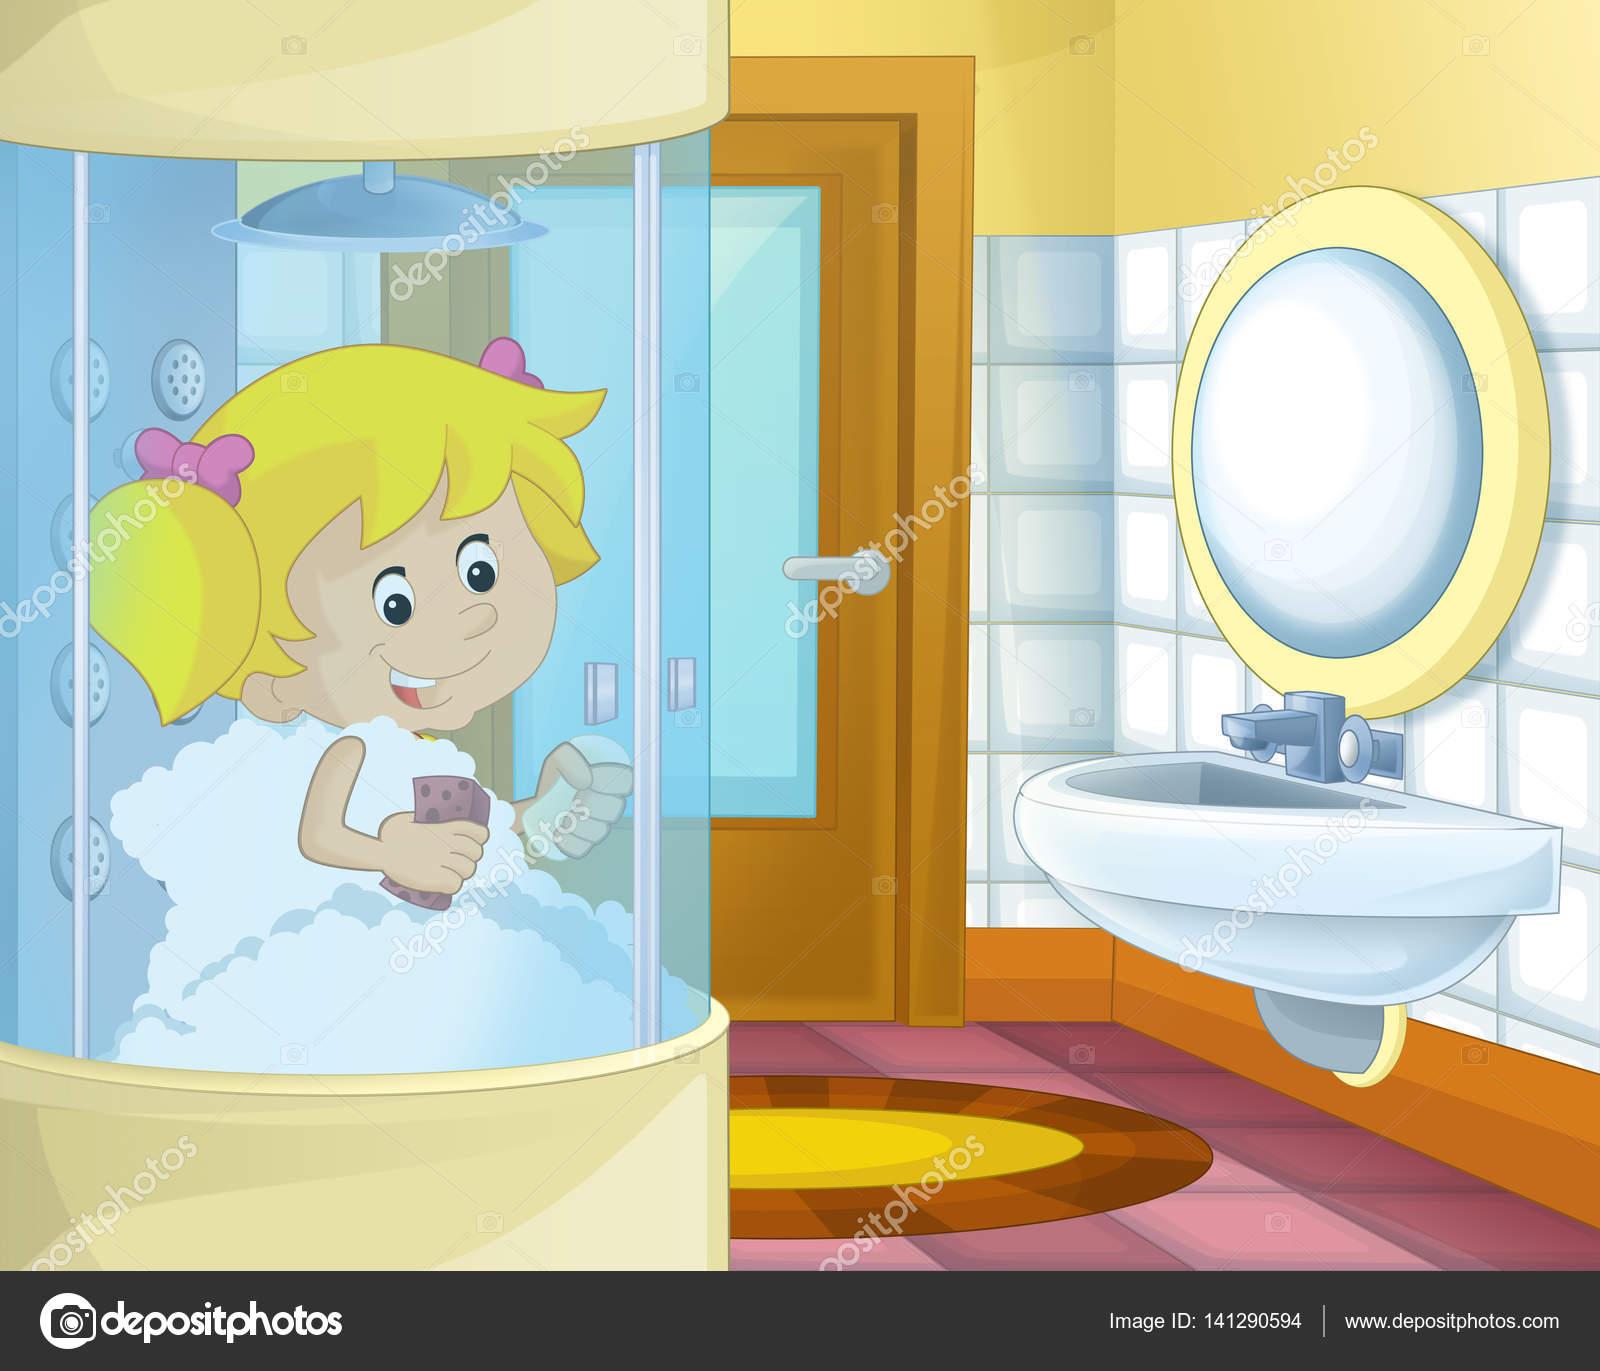 Animado: bathroom dibujo | Chica de dibujos animados en el ...